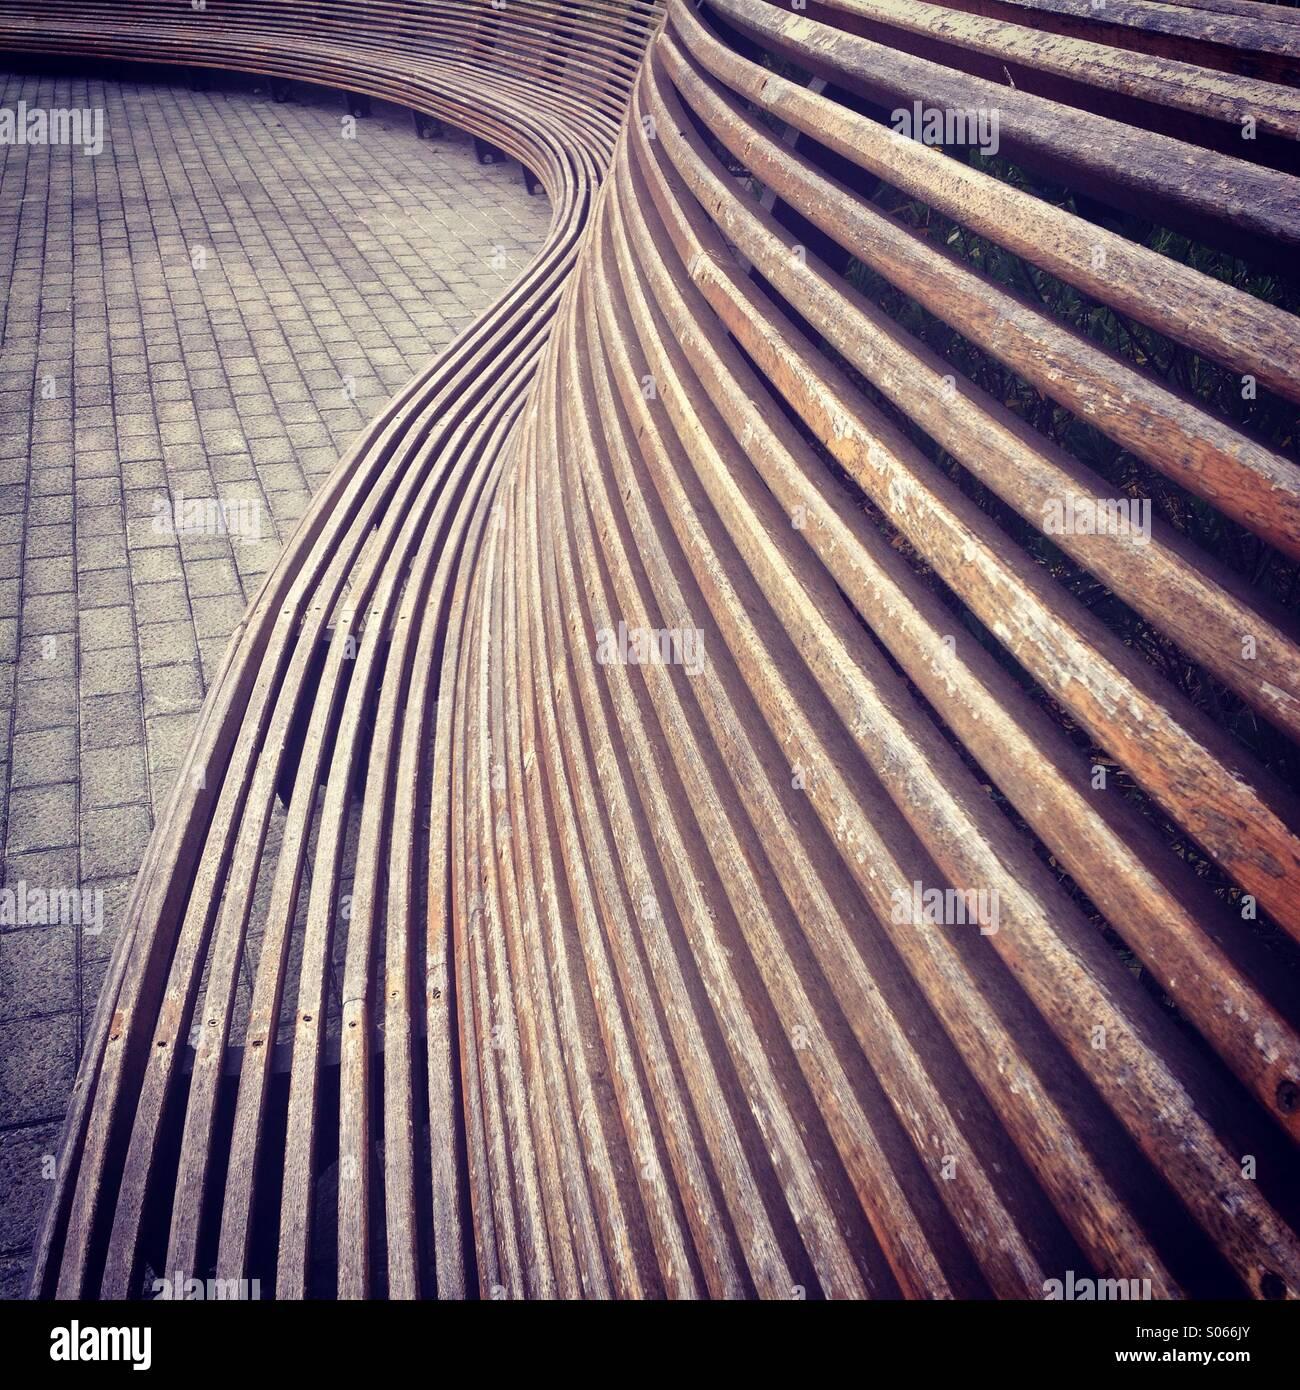 Textura Imagen De Stock